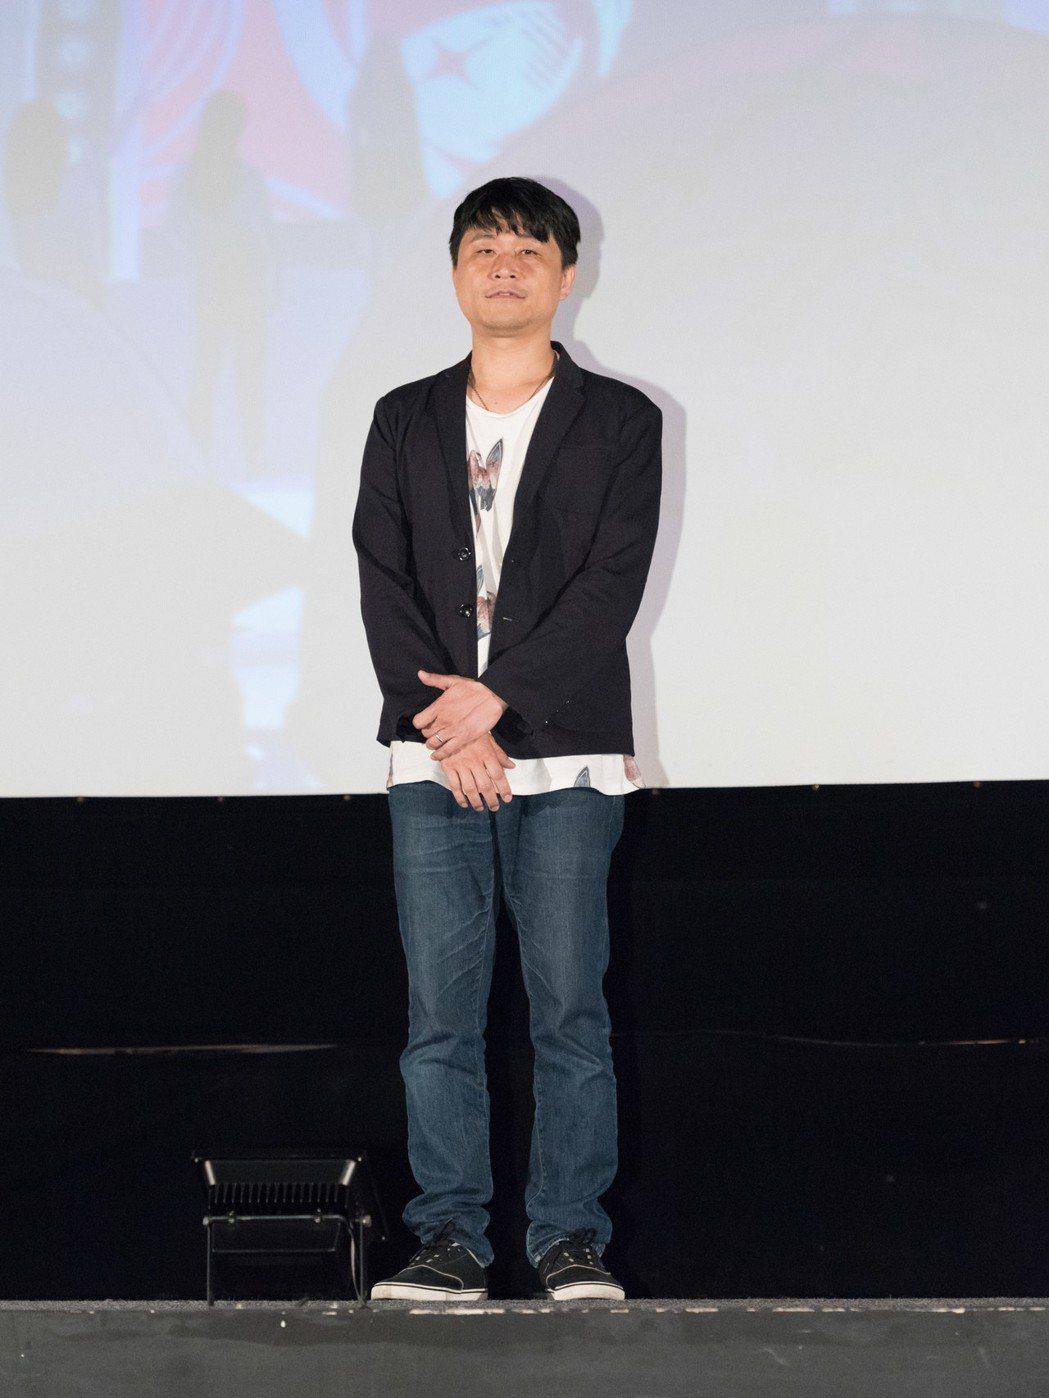 「市長夫人的秘密」導演連奕琦出席金馬奇幻影展閉幕片放映。圖/金馬影展提供